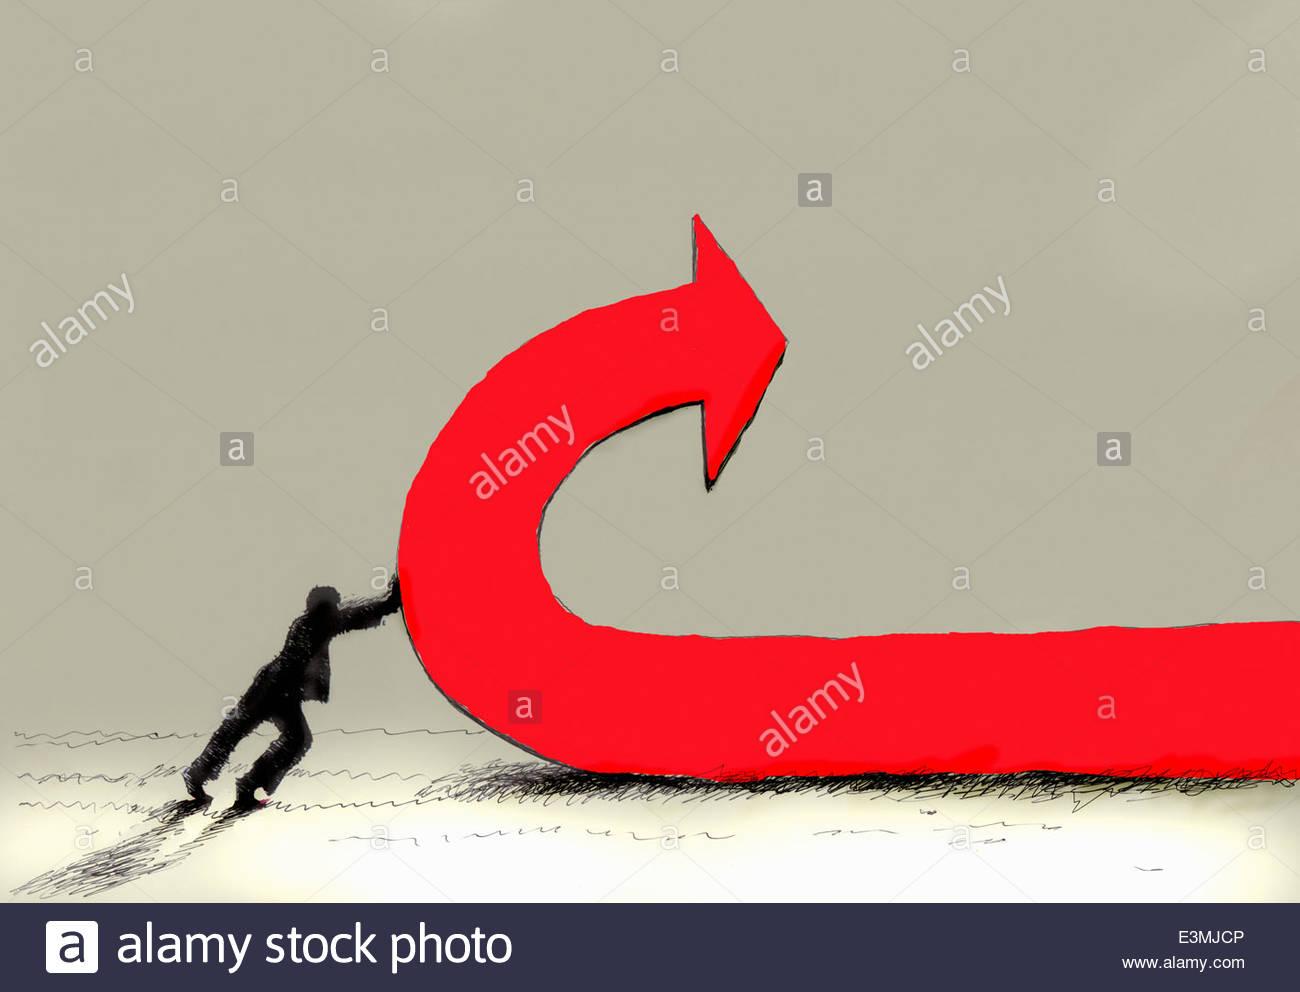 Geschäftsmann, rote Linie schieben und Richtungswechsel Stockbild